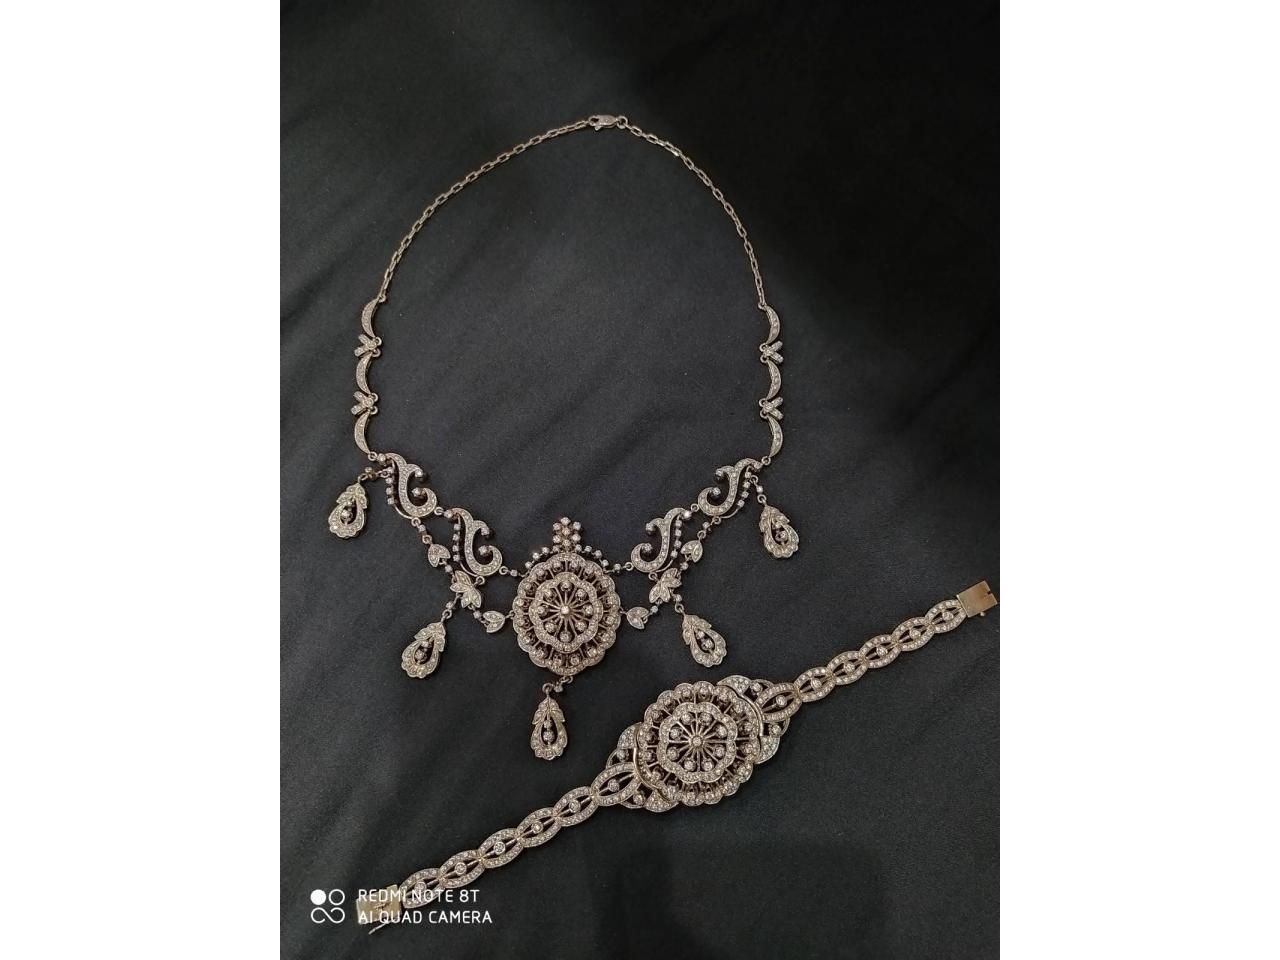 Эксклюзивное ожерелье и брослет серебро 925 пробы - 6